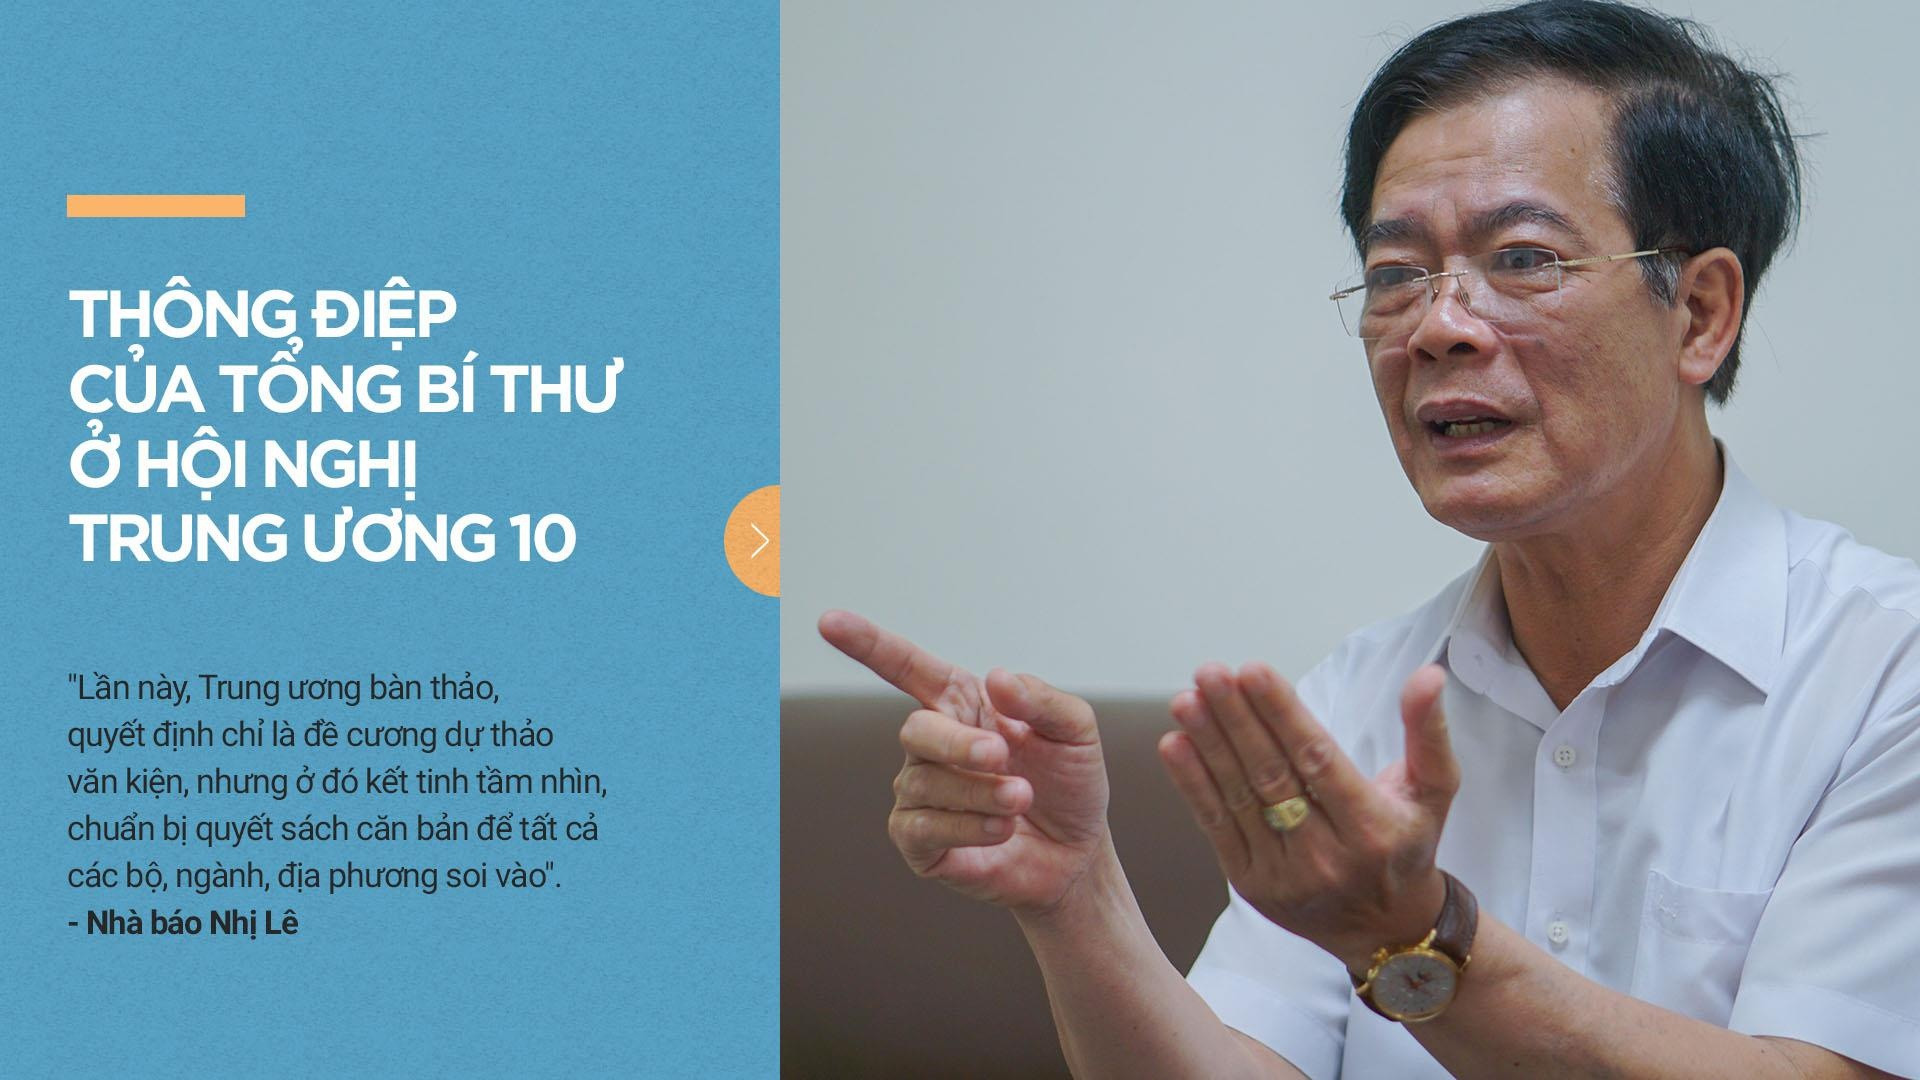 Thông điệp của Tổng bí thư ở Hội nghị Trung ương 10